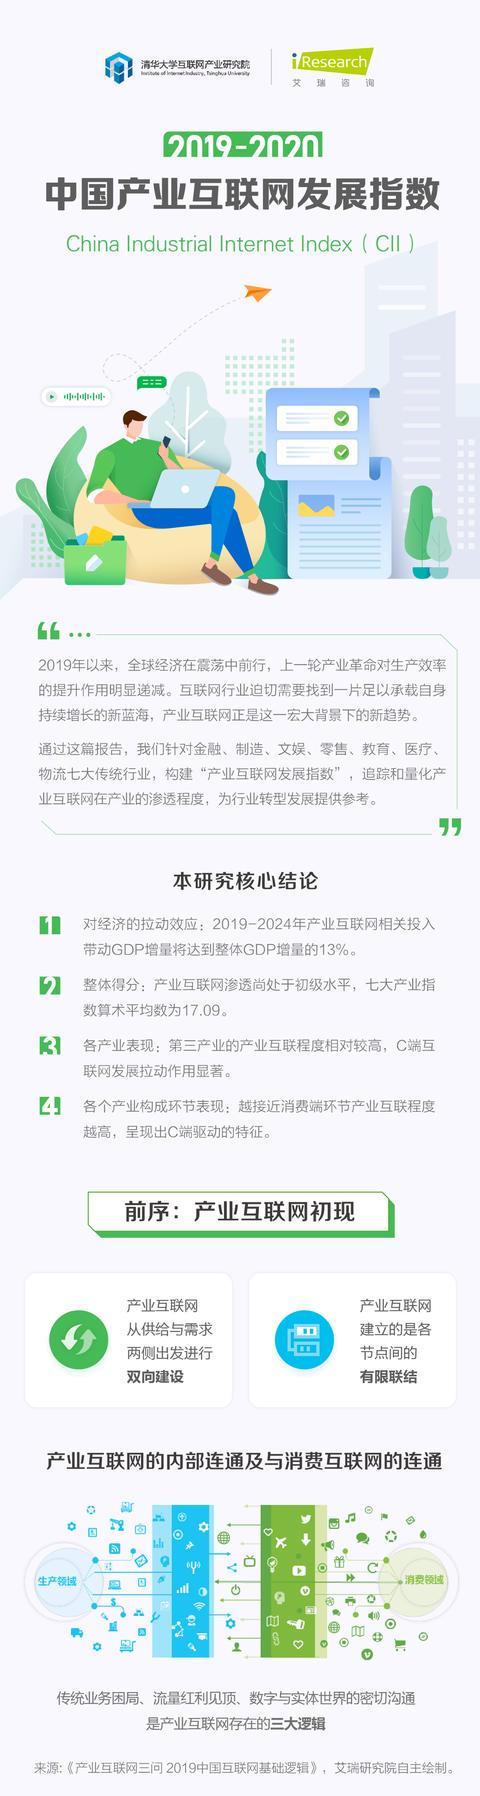 重磅!2019-2020年中国产业互联网发展指数报告